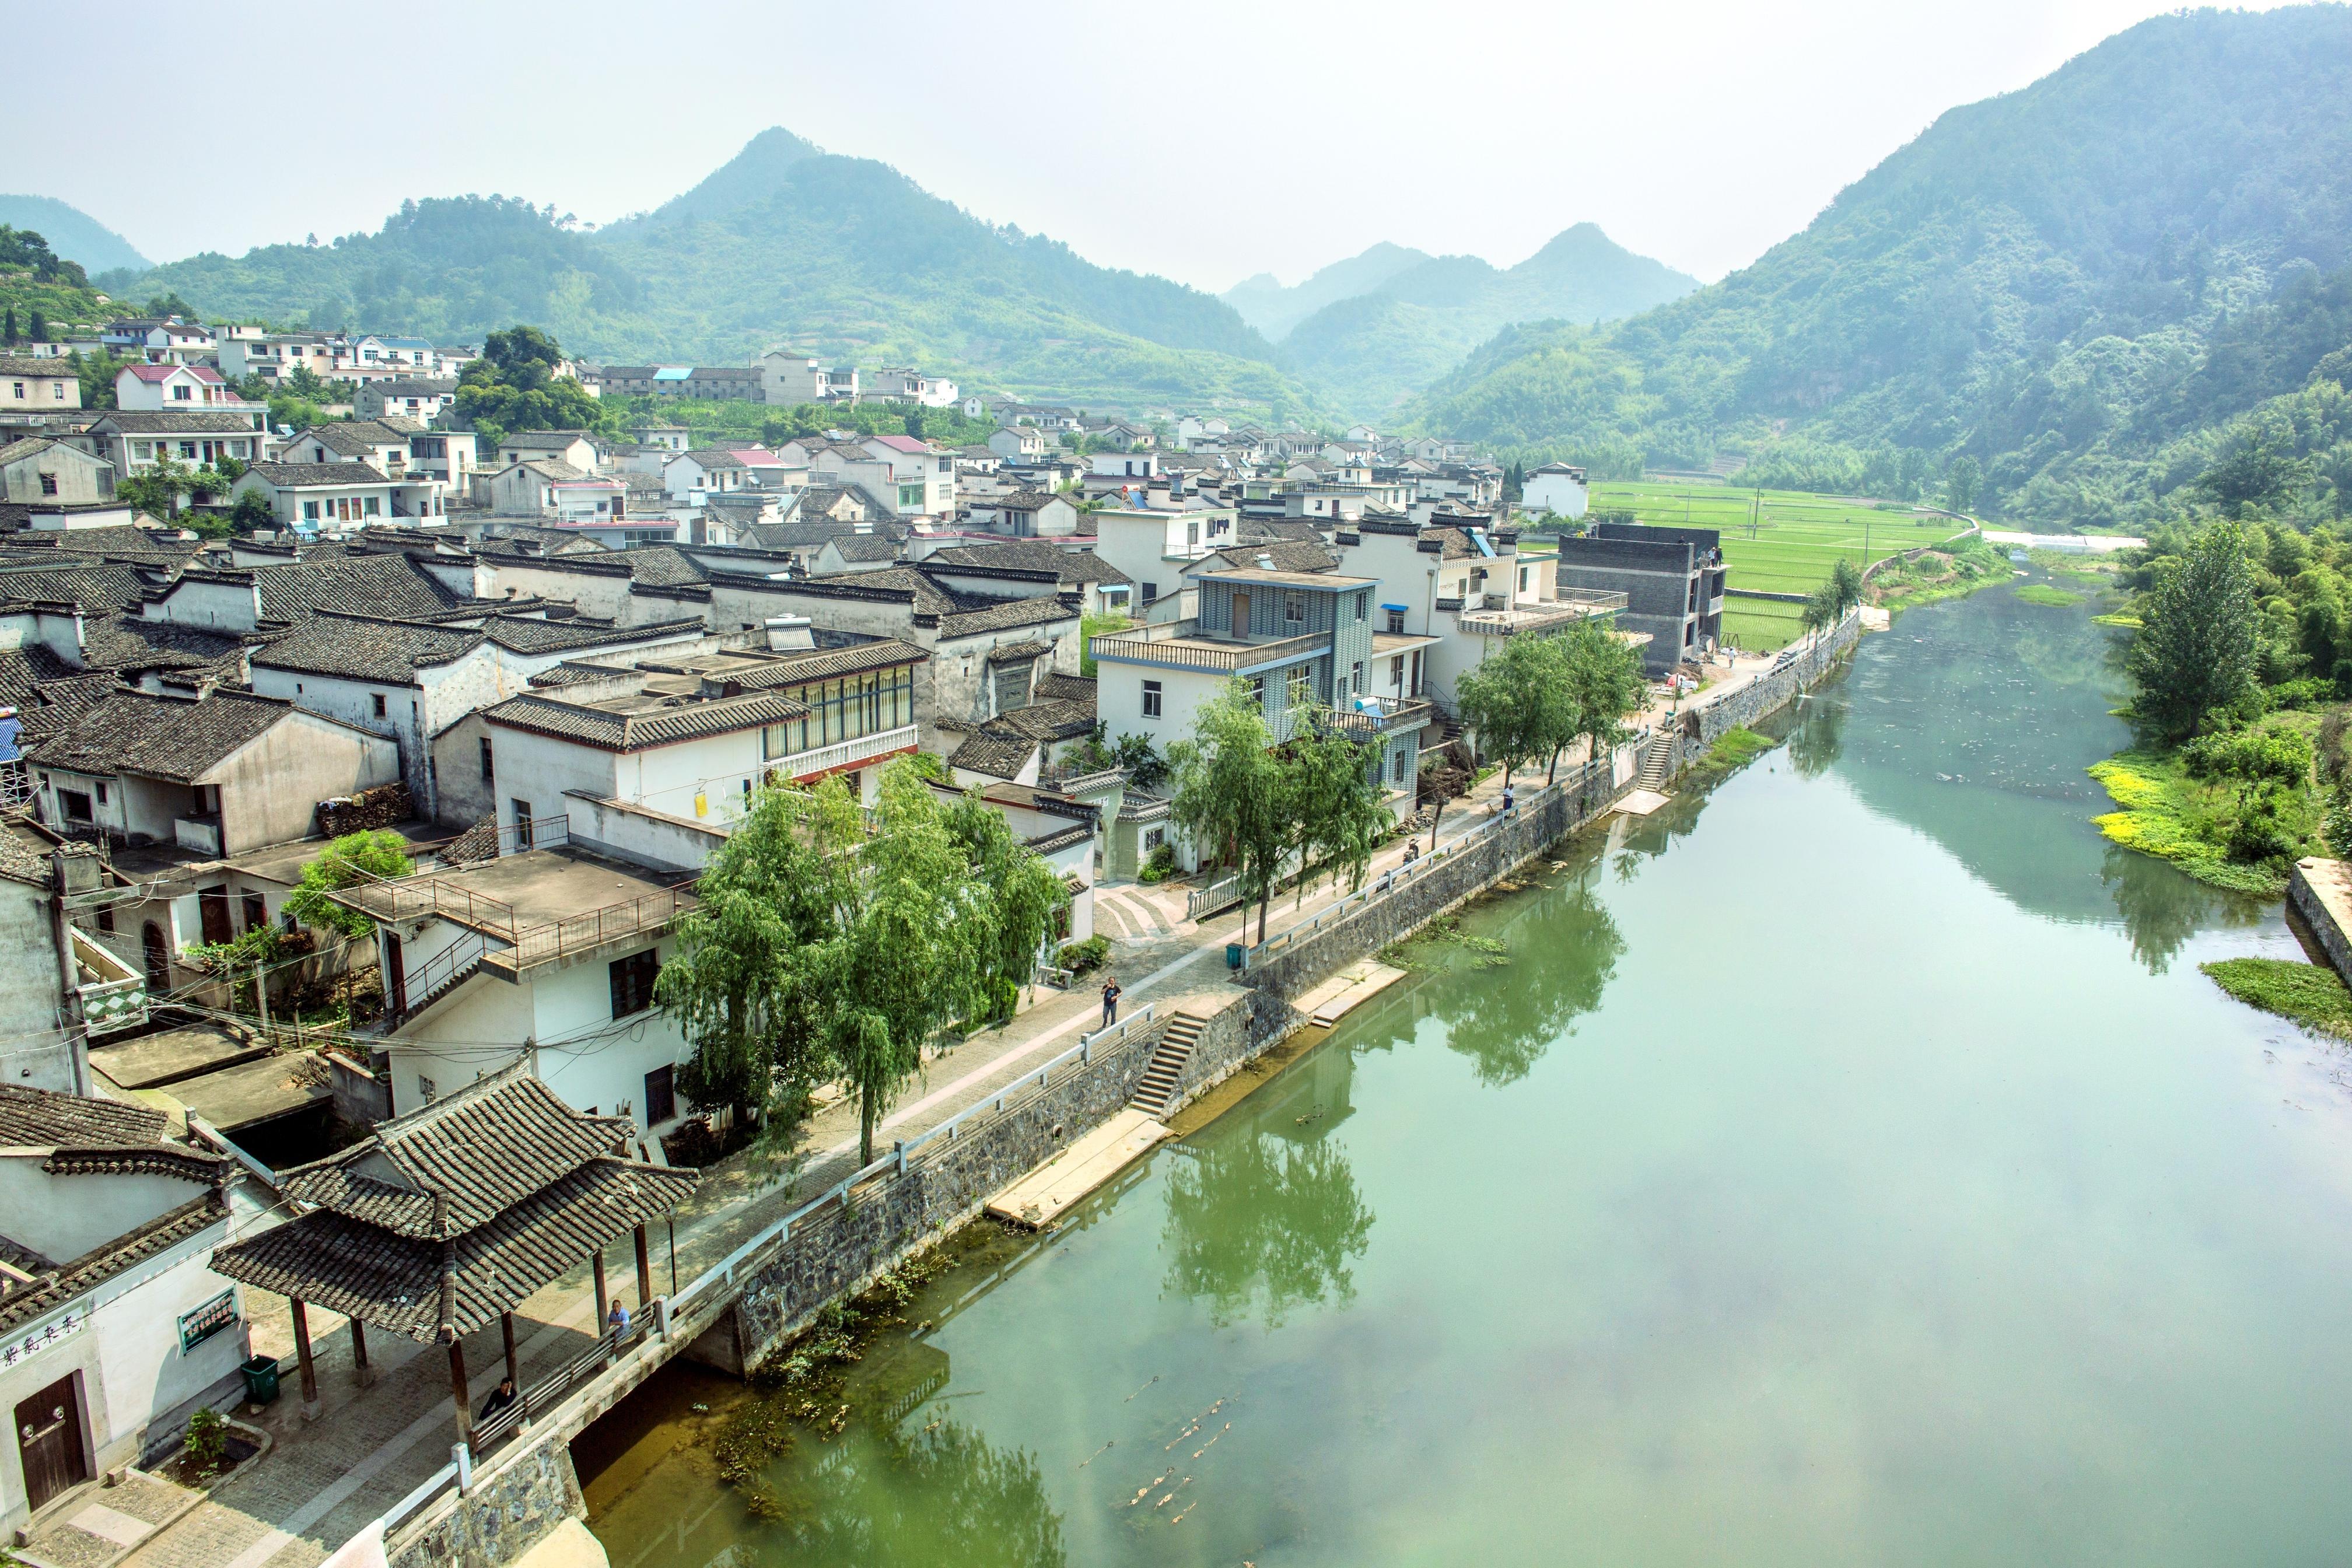 Taiji Lake Village